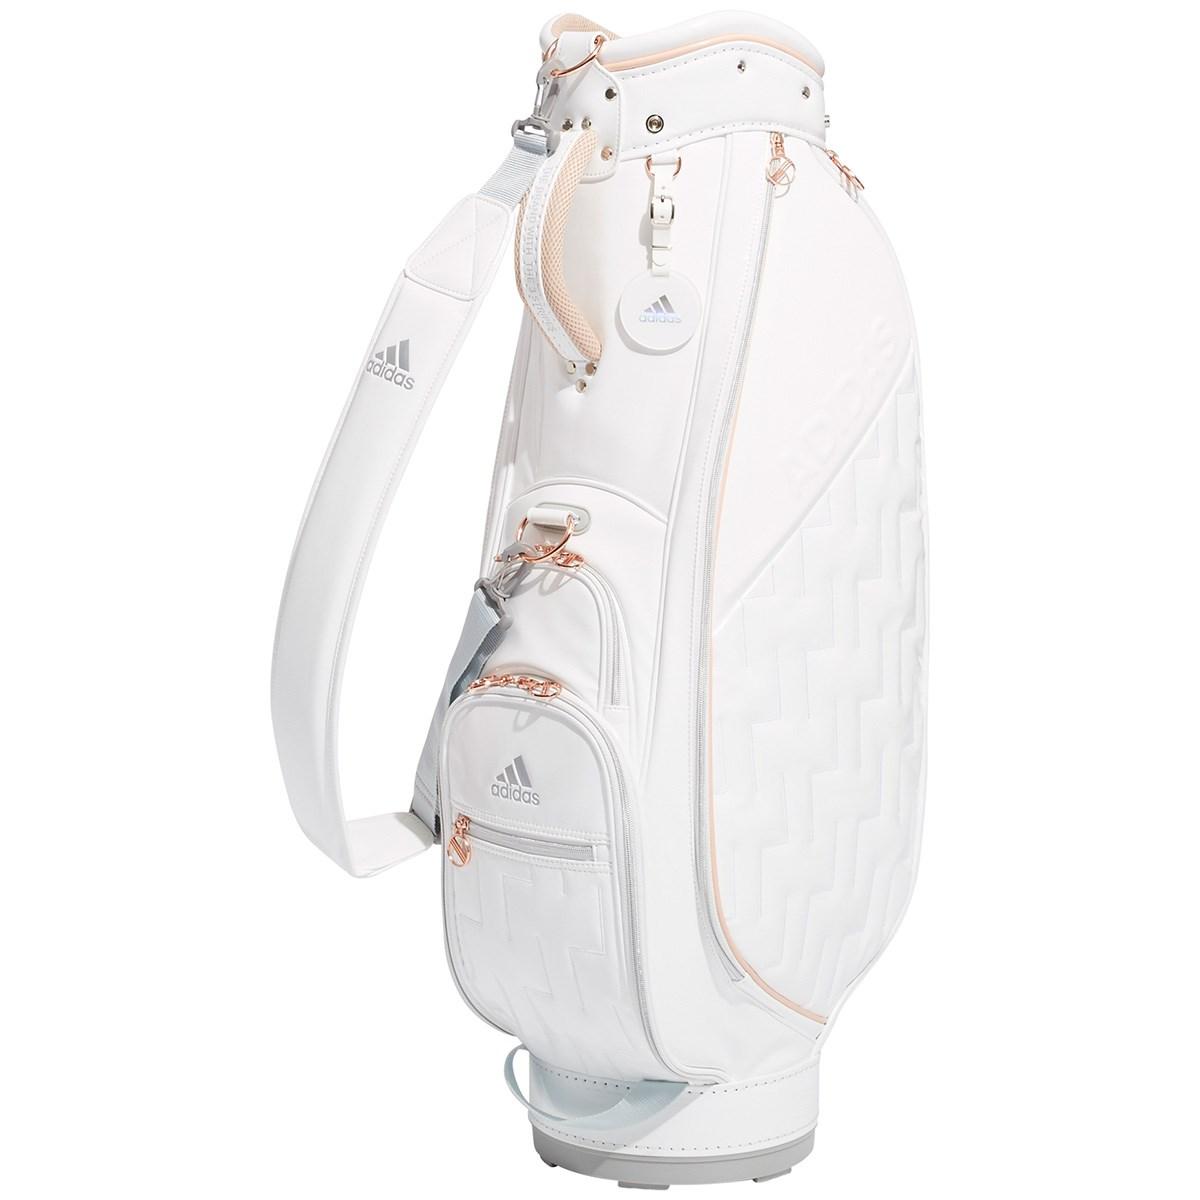 アディダス(adidas) エナメルキャディバッグレディス